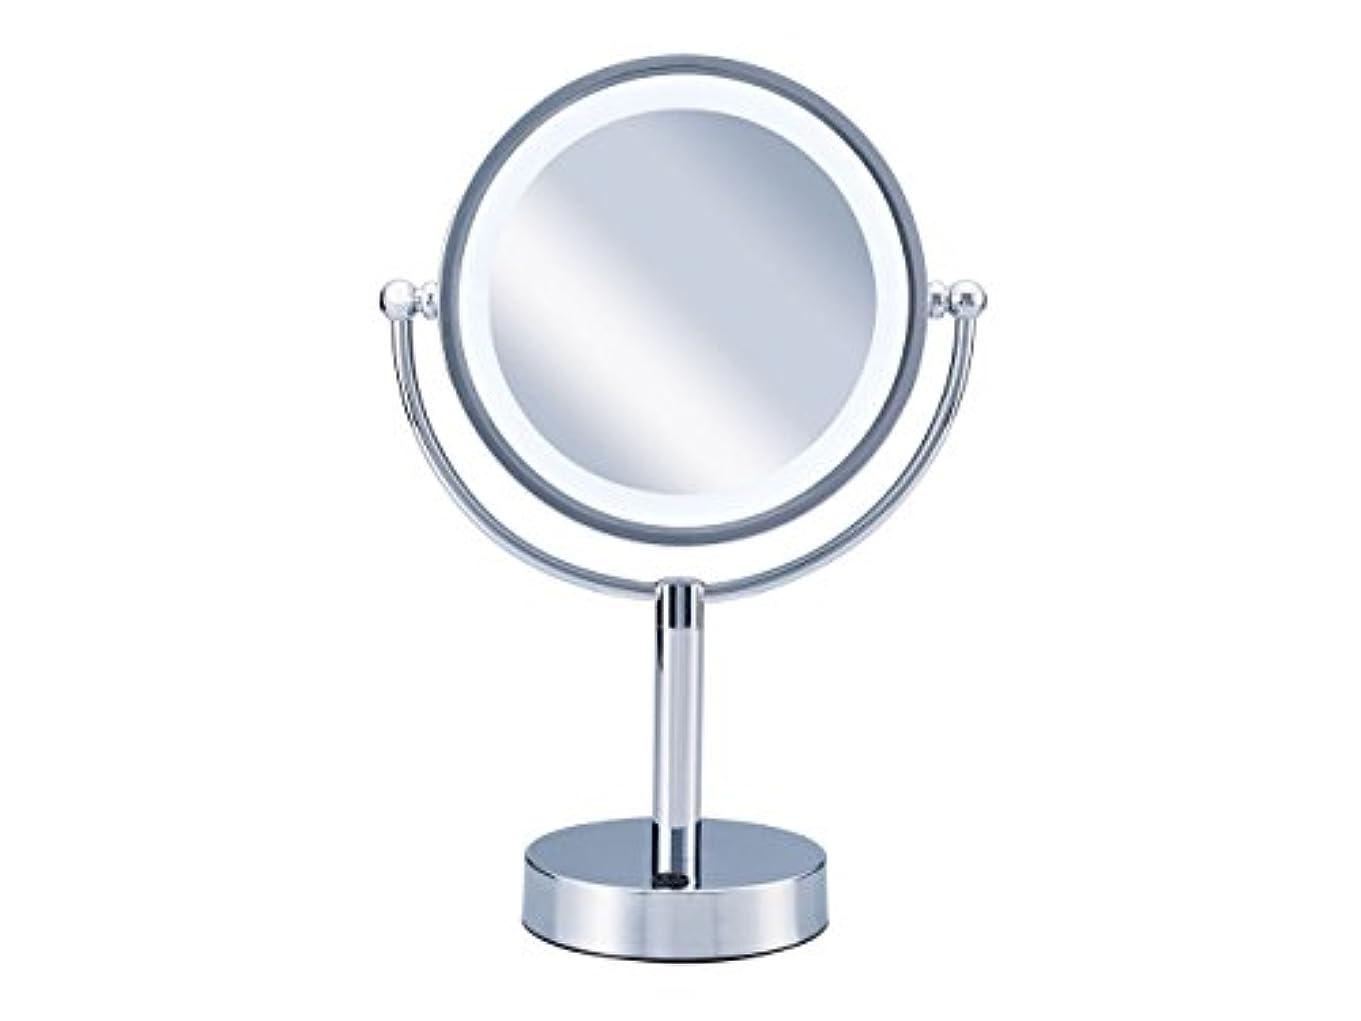 定常望む疑いコイズミ 拡大鏡 LEDライト付き 1倍/5倍 KBE-3000/S